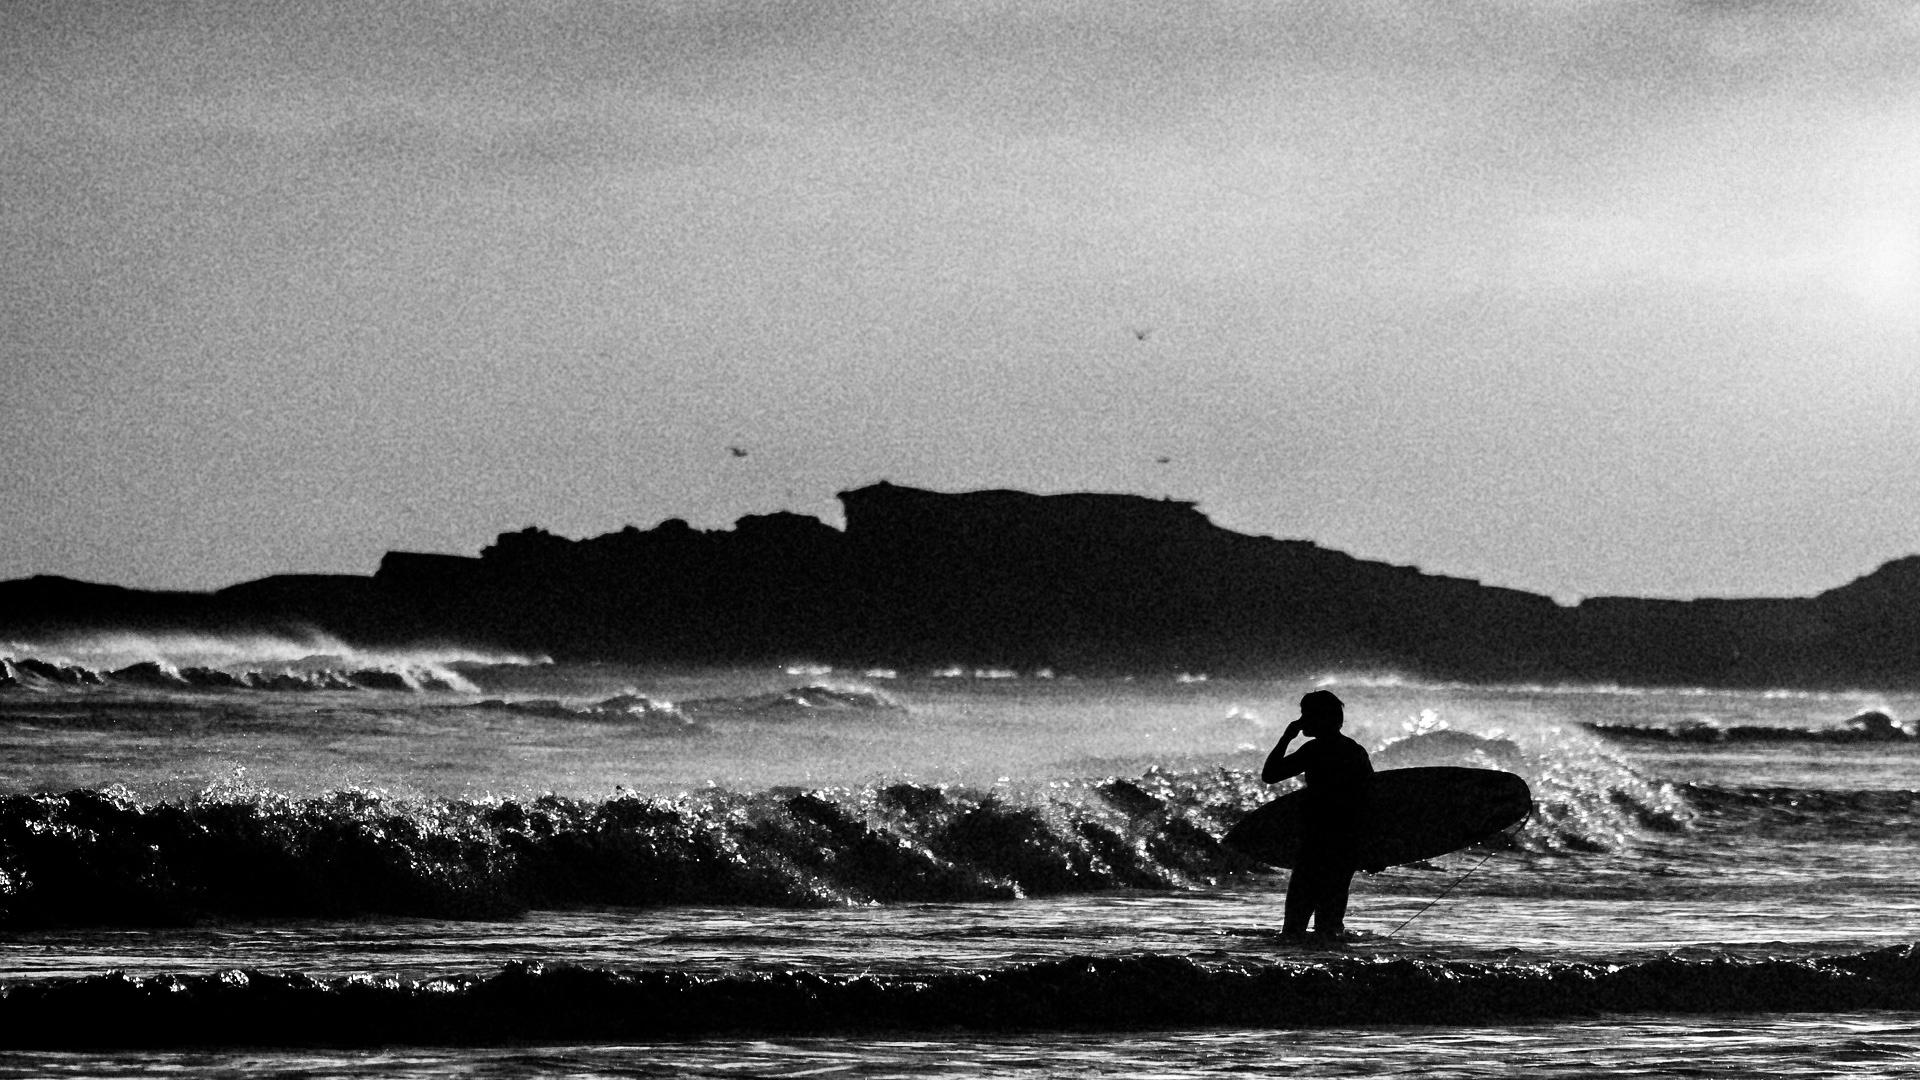 surfer-691029_1920